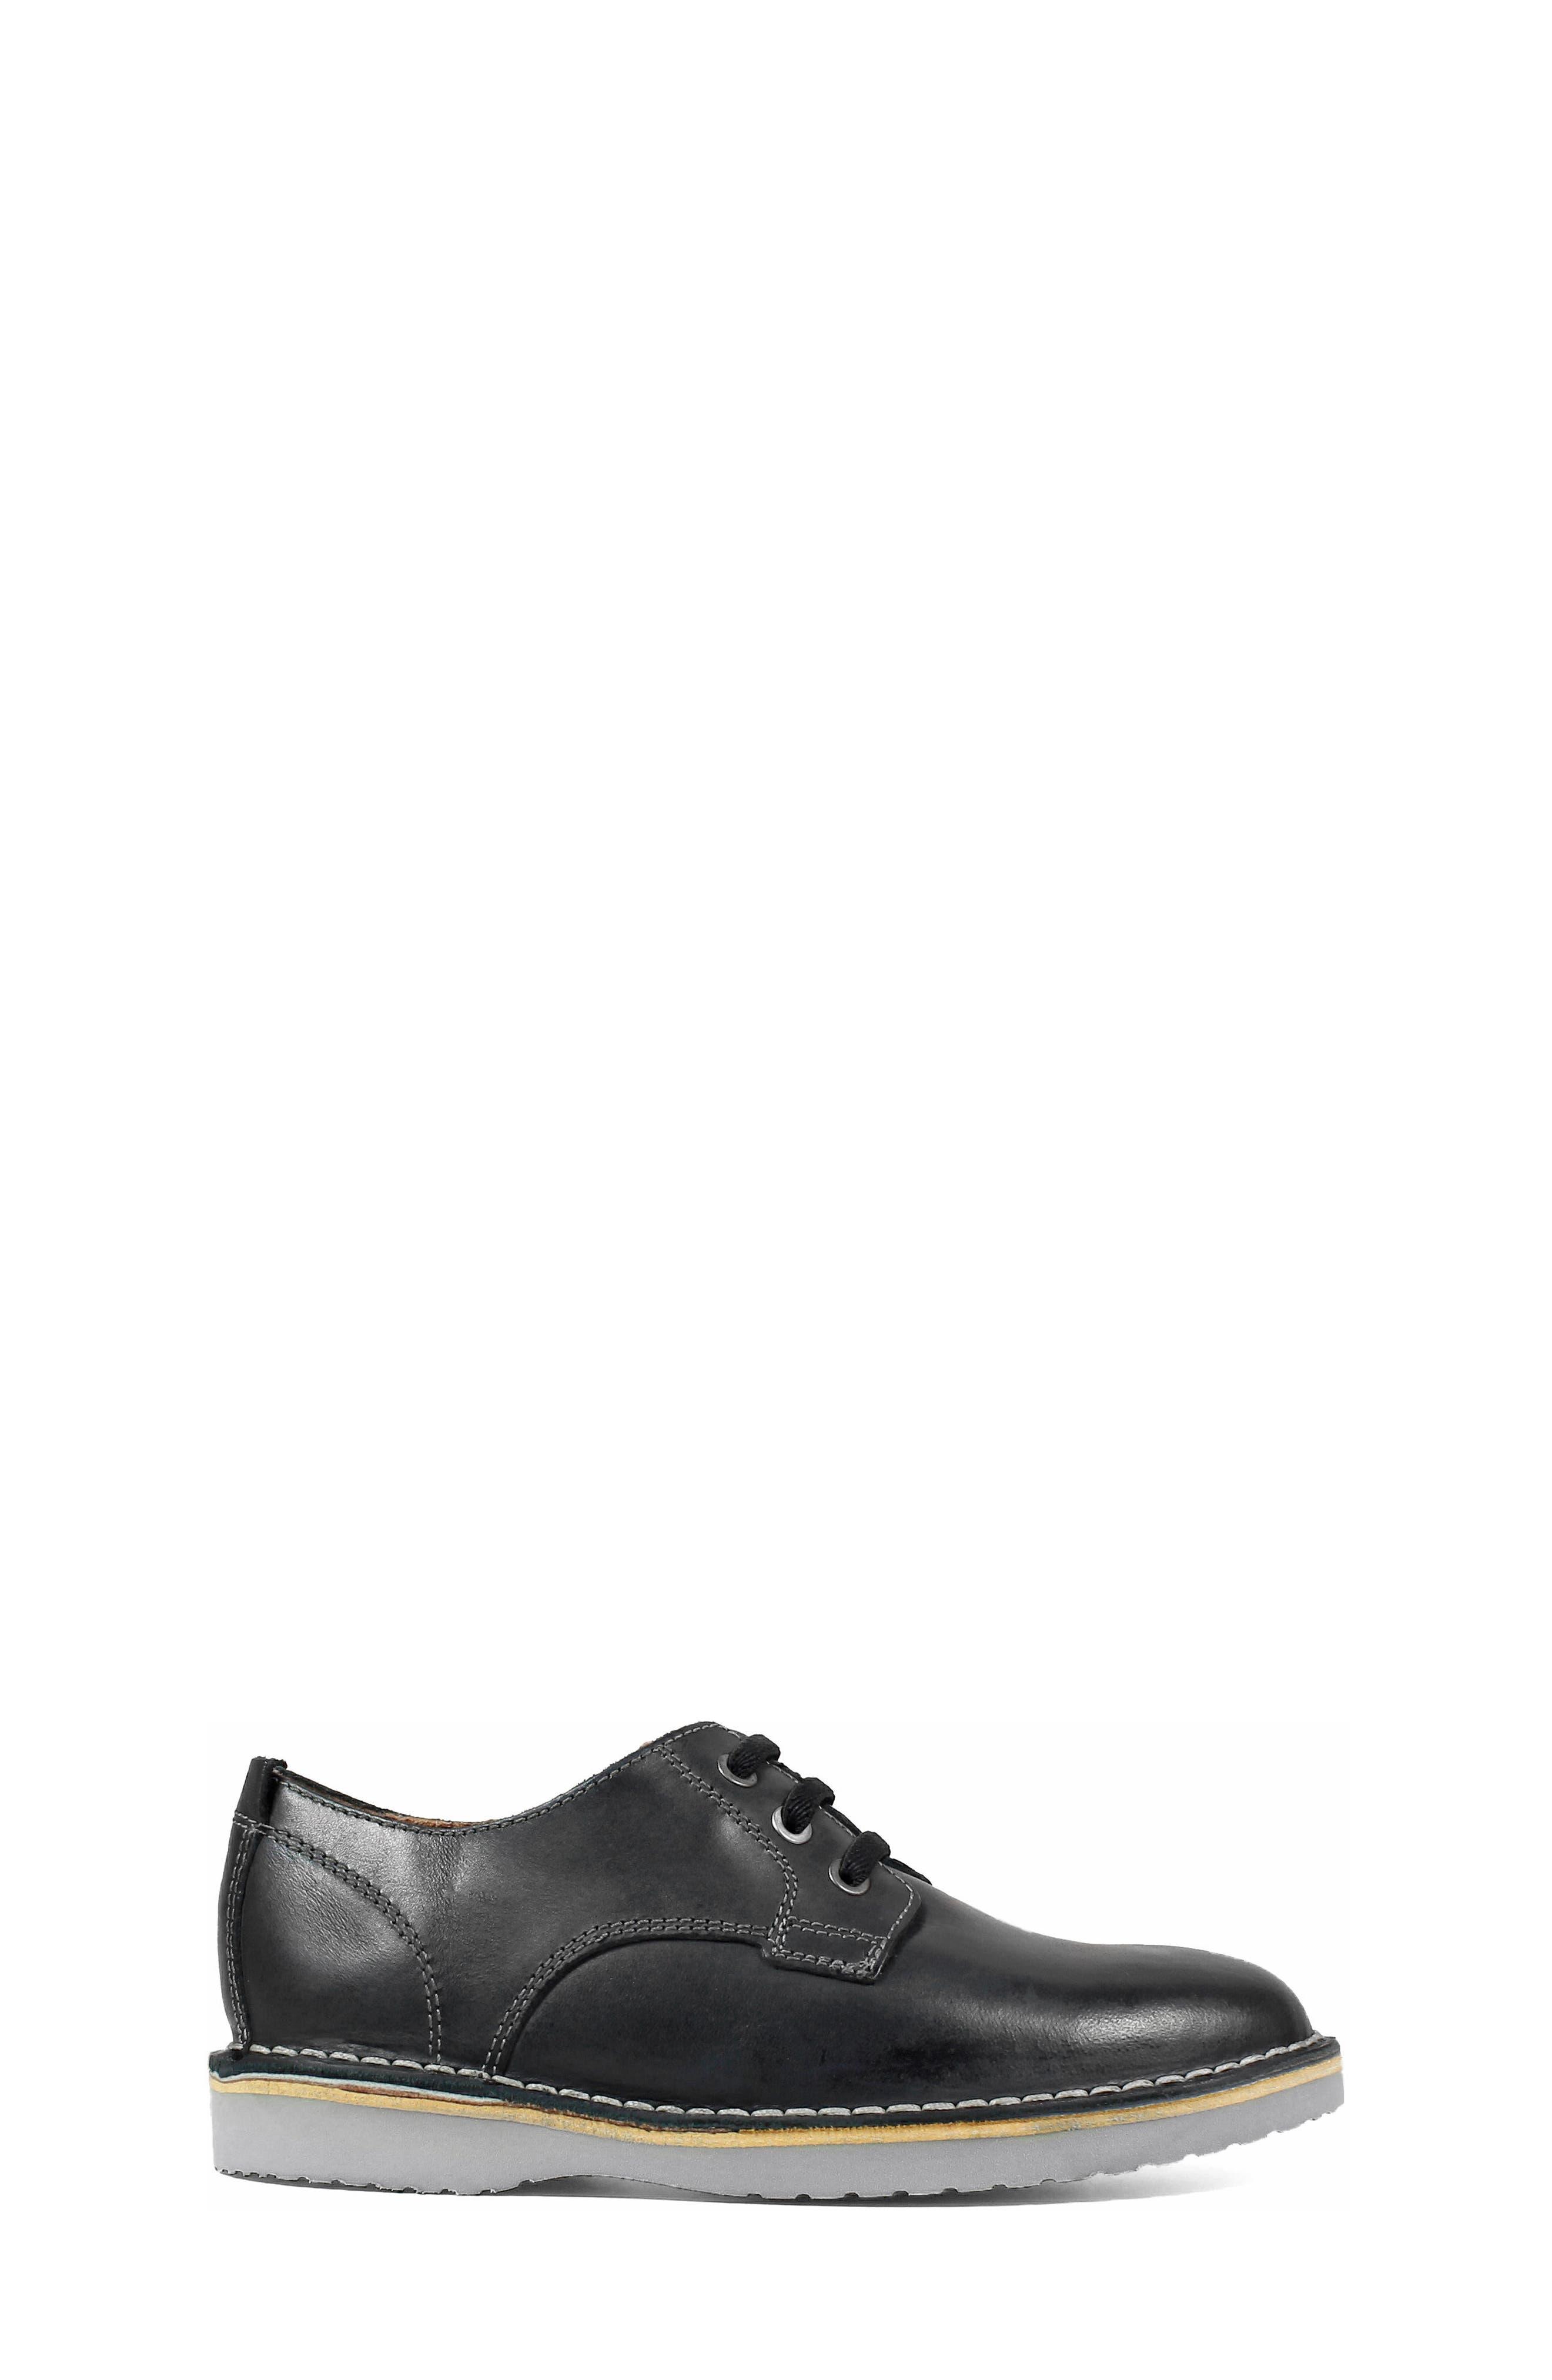 FLORSHEIM, Navigator JR Plain Toe Oxford, Alternate thumbnail 3, color, BLACK LEATHER